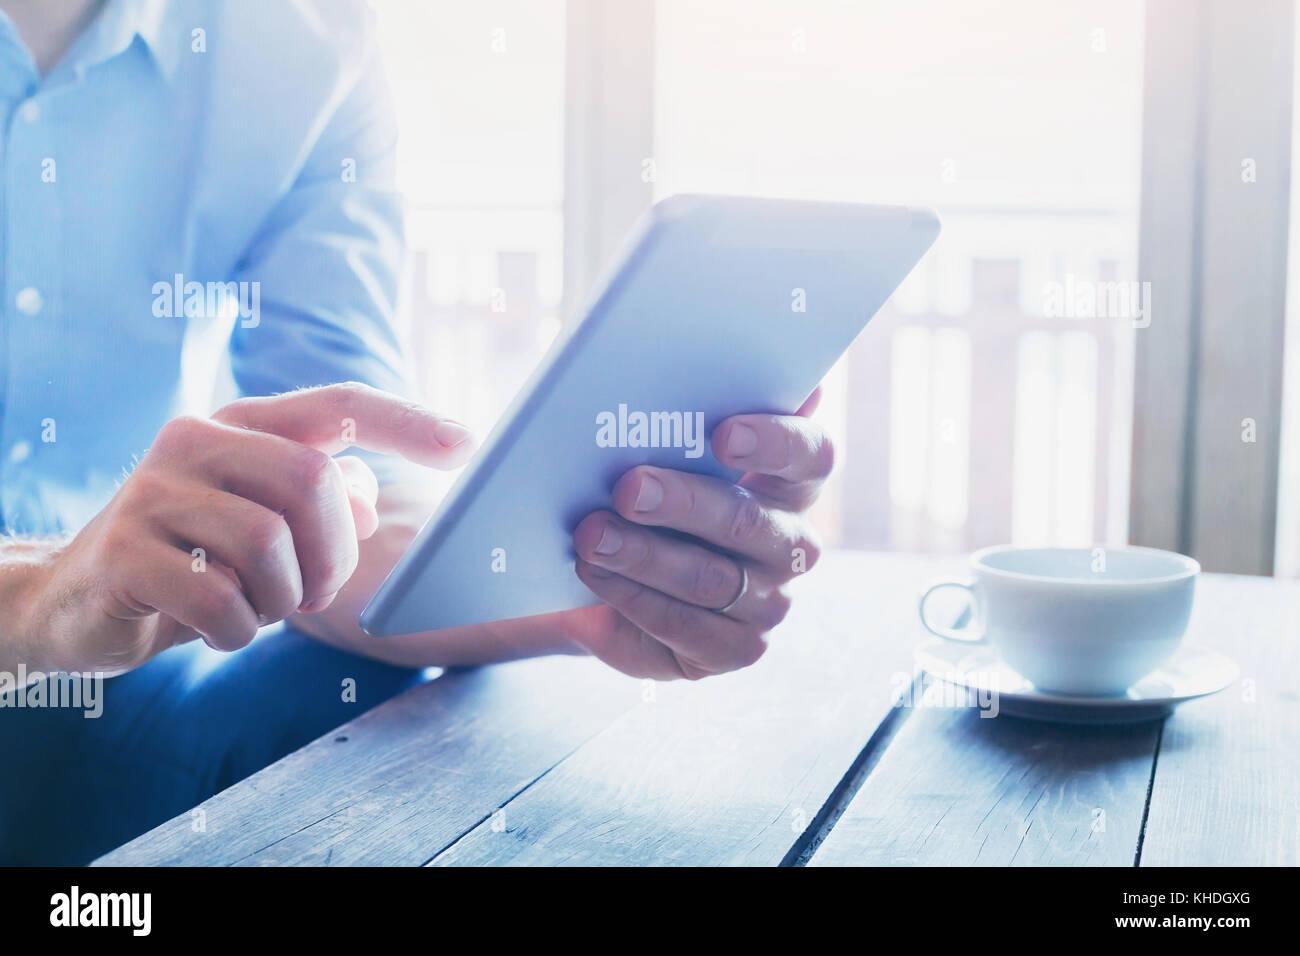 Personas que utilizan tecnologías, cerca de manos masculinas con dispositivo tablet pc digital Imagen De Stock